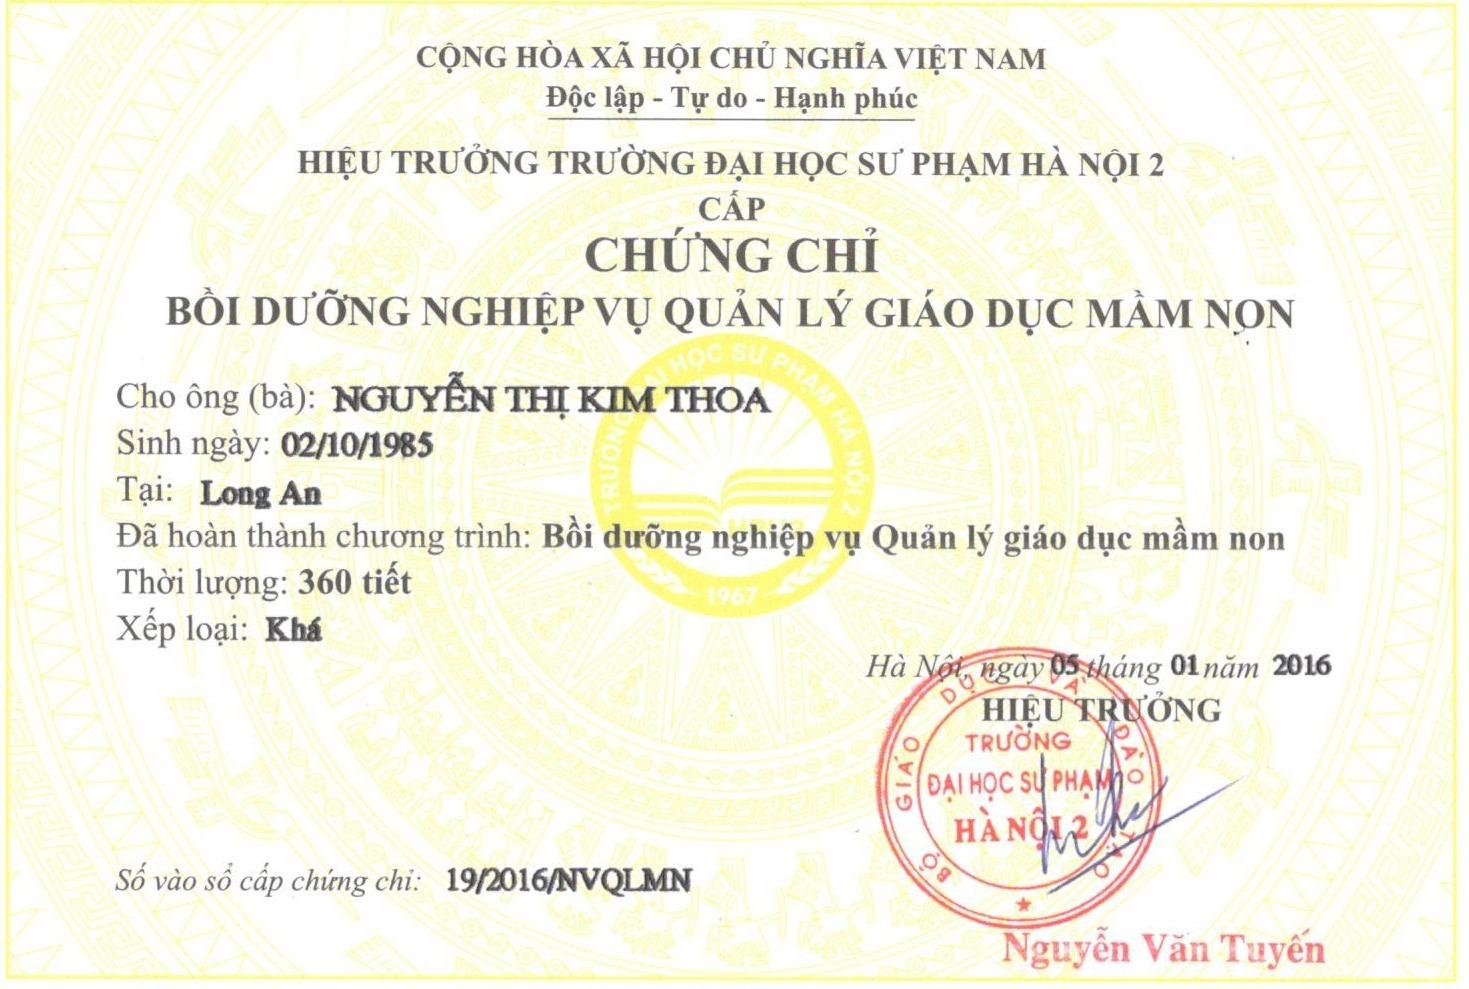 Tuyen Sinh chứng chỉ quản lý trường mầm non Ở An Giang